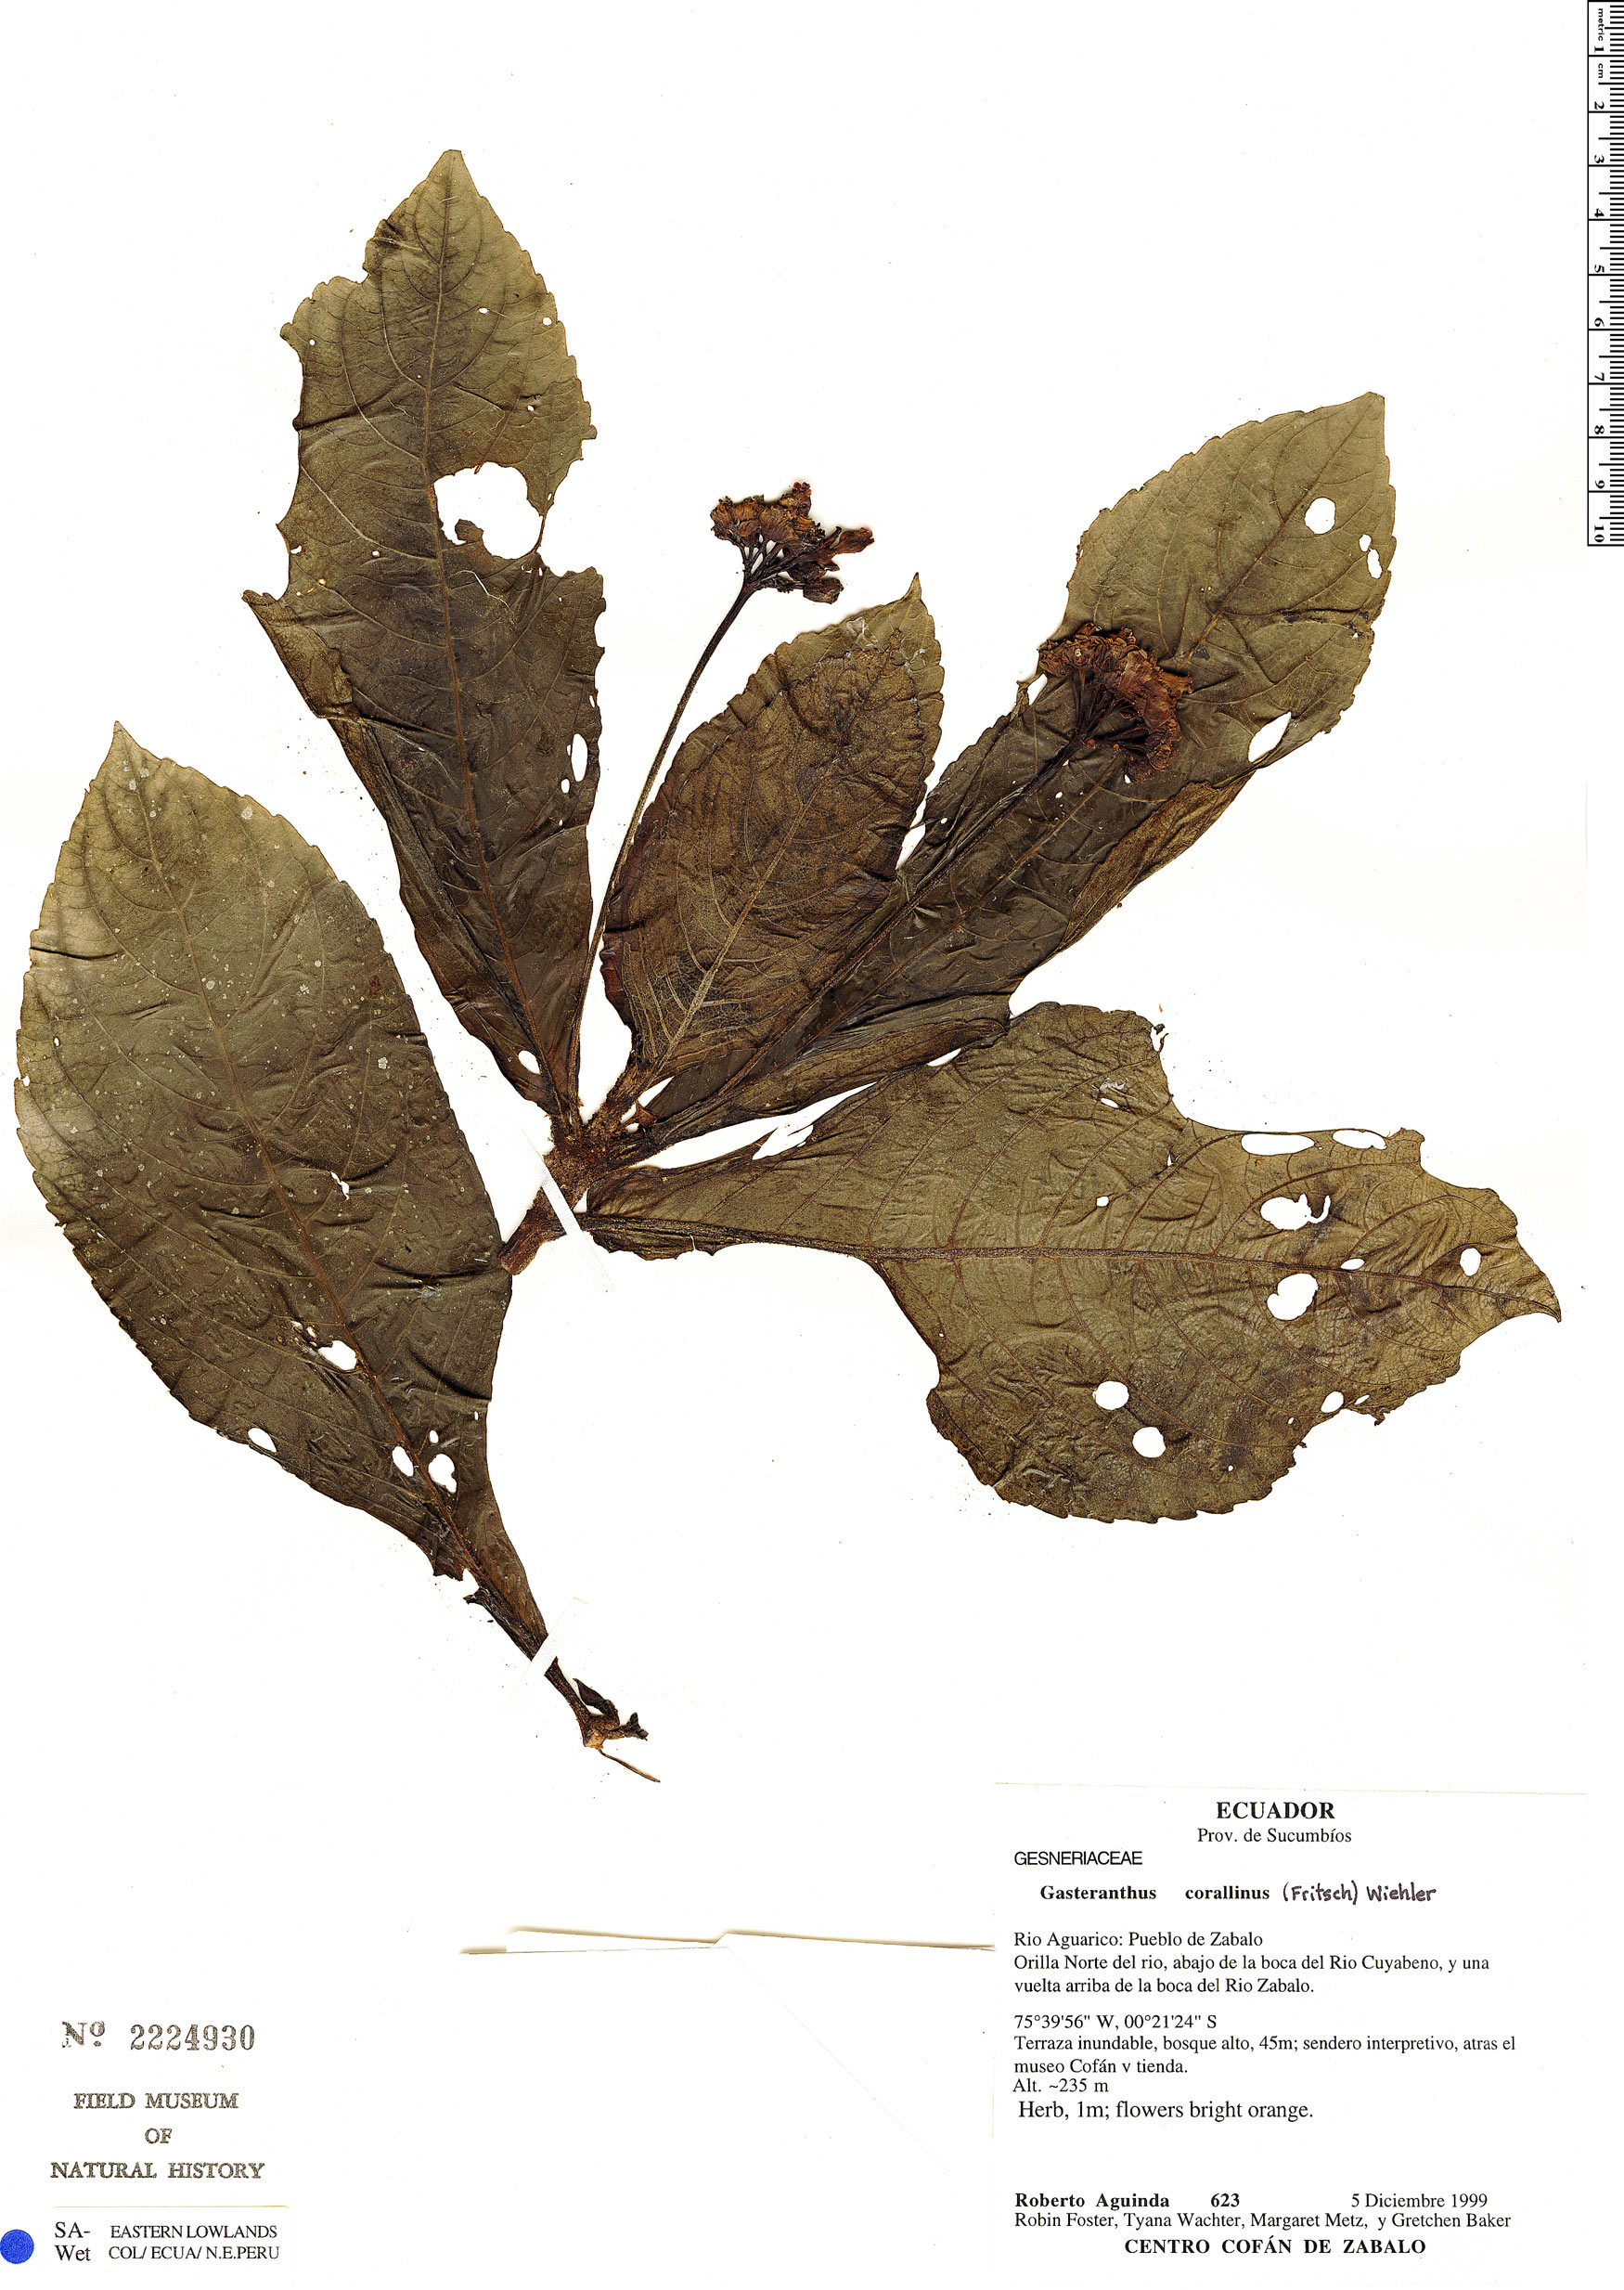 Specimen: Gasteranthus corallinus